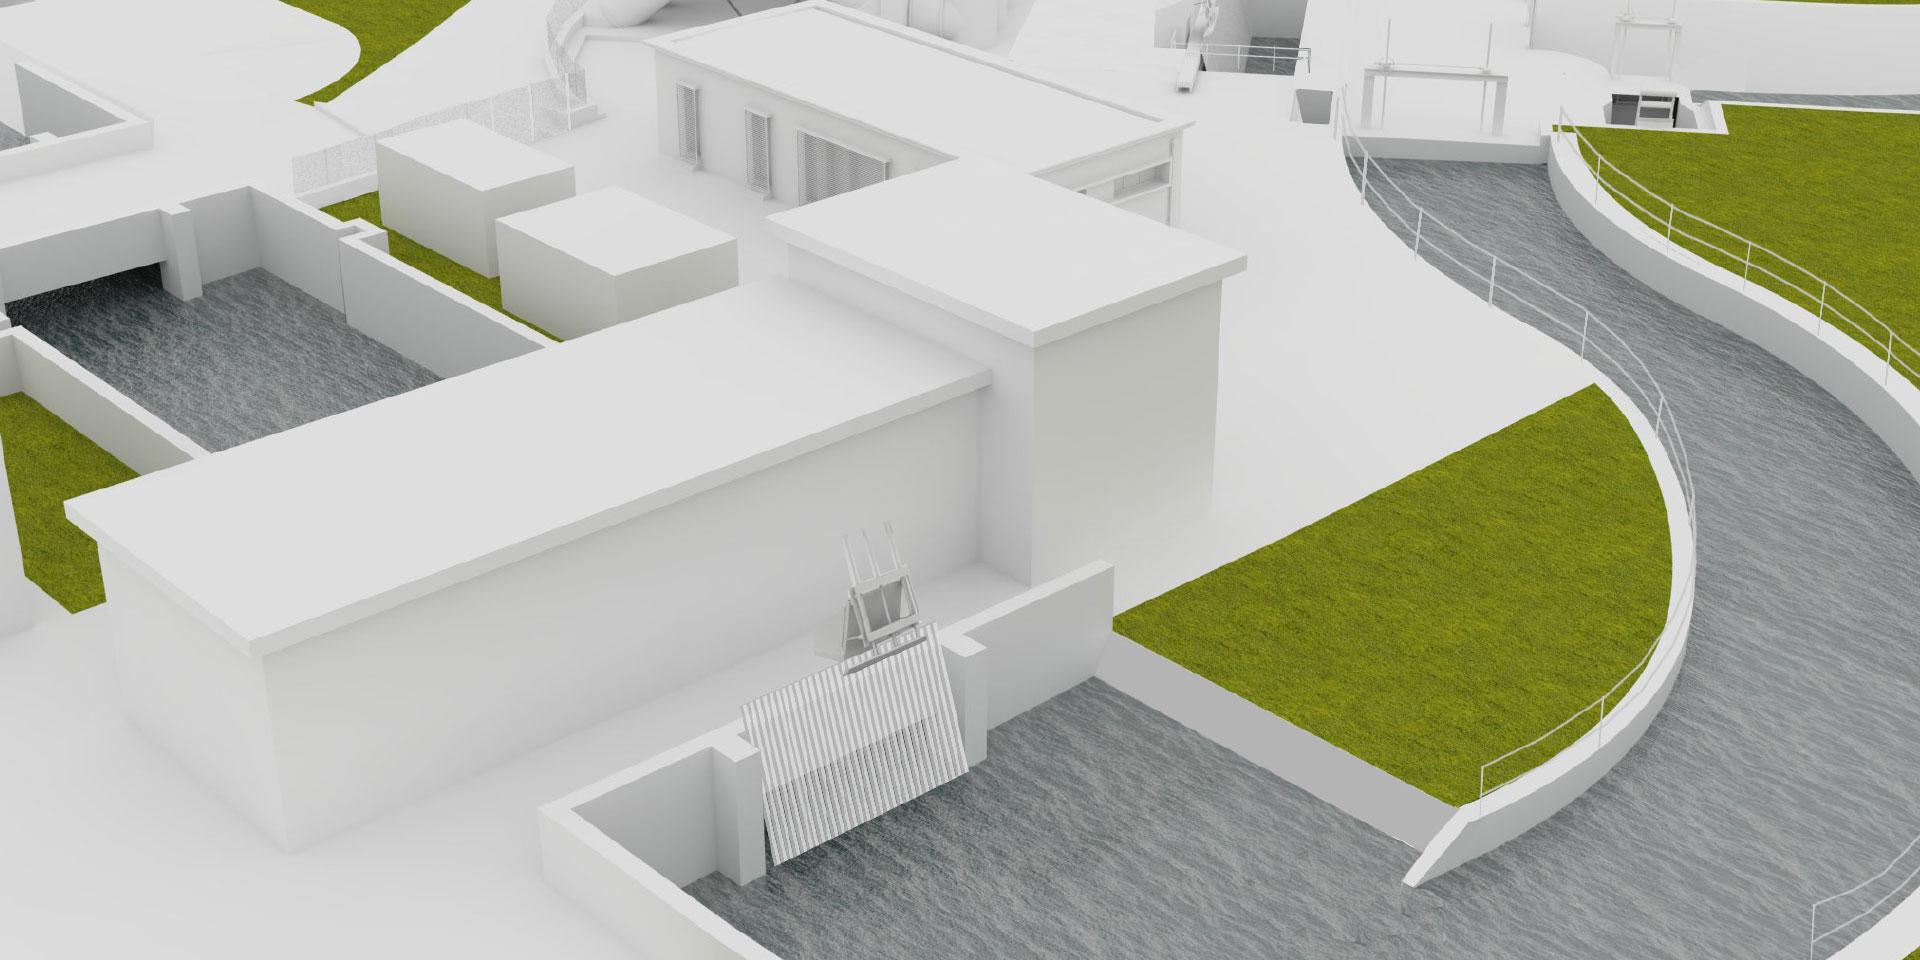 Impianto idrovoro di Tagliata, Binini Partners, Società di architettura e ingegneria